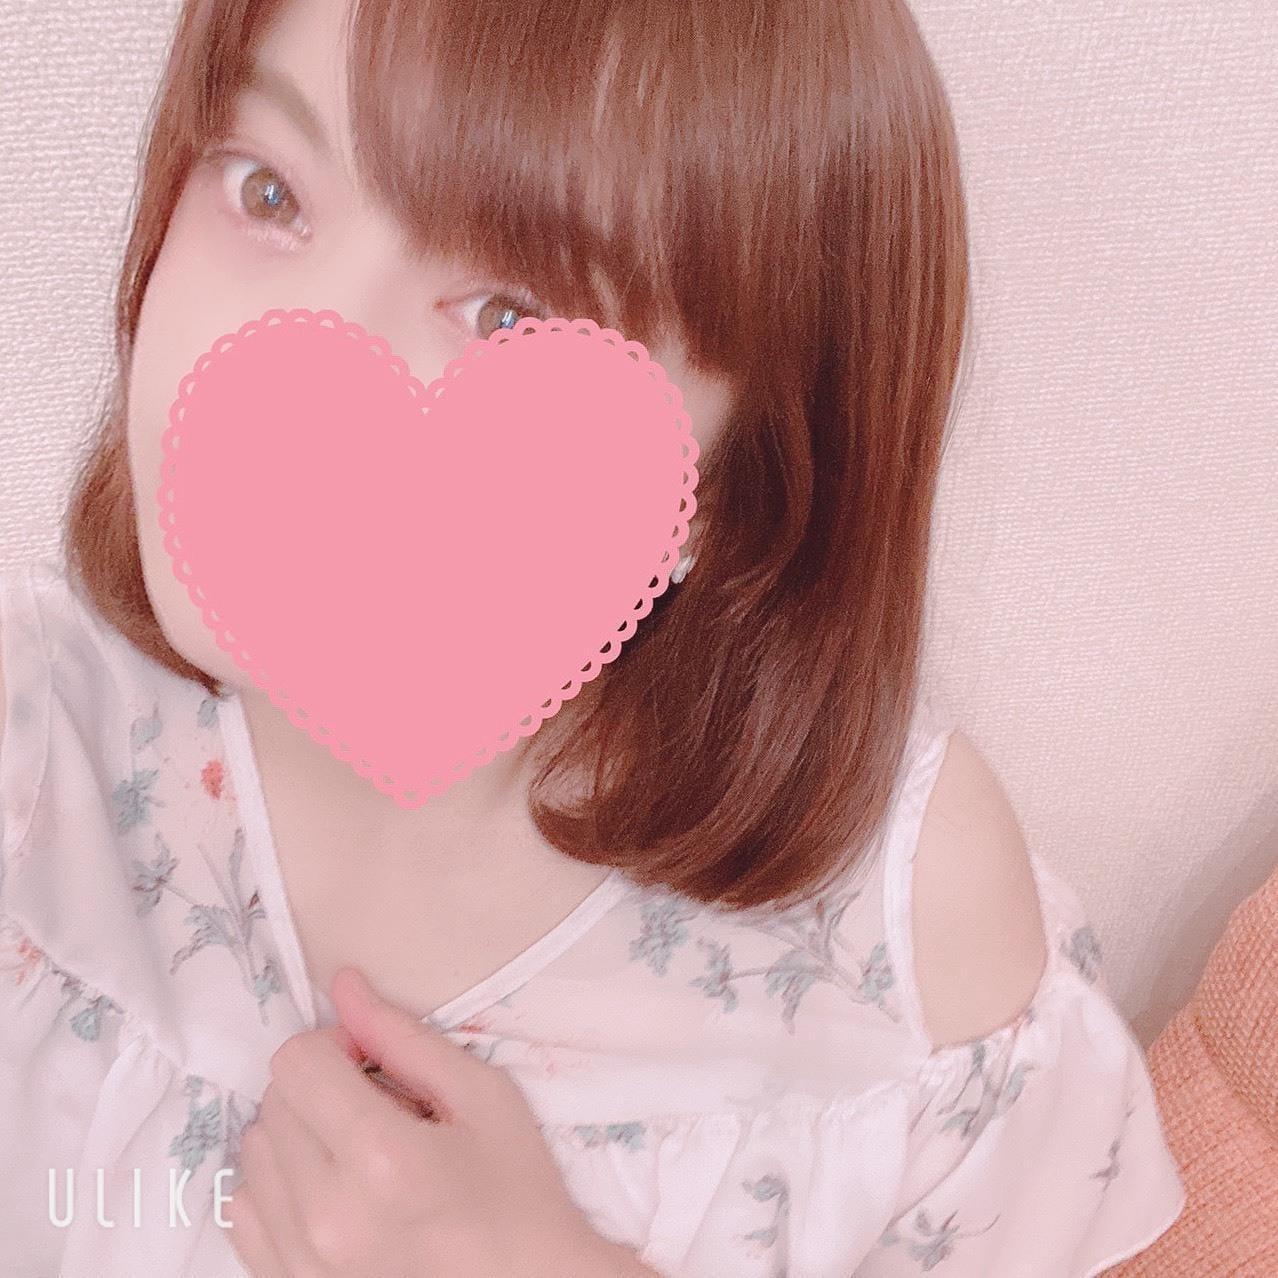 「お誘いありがとうございました☆」06/21(06/21) 10:04 | るるの写メ